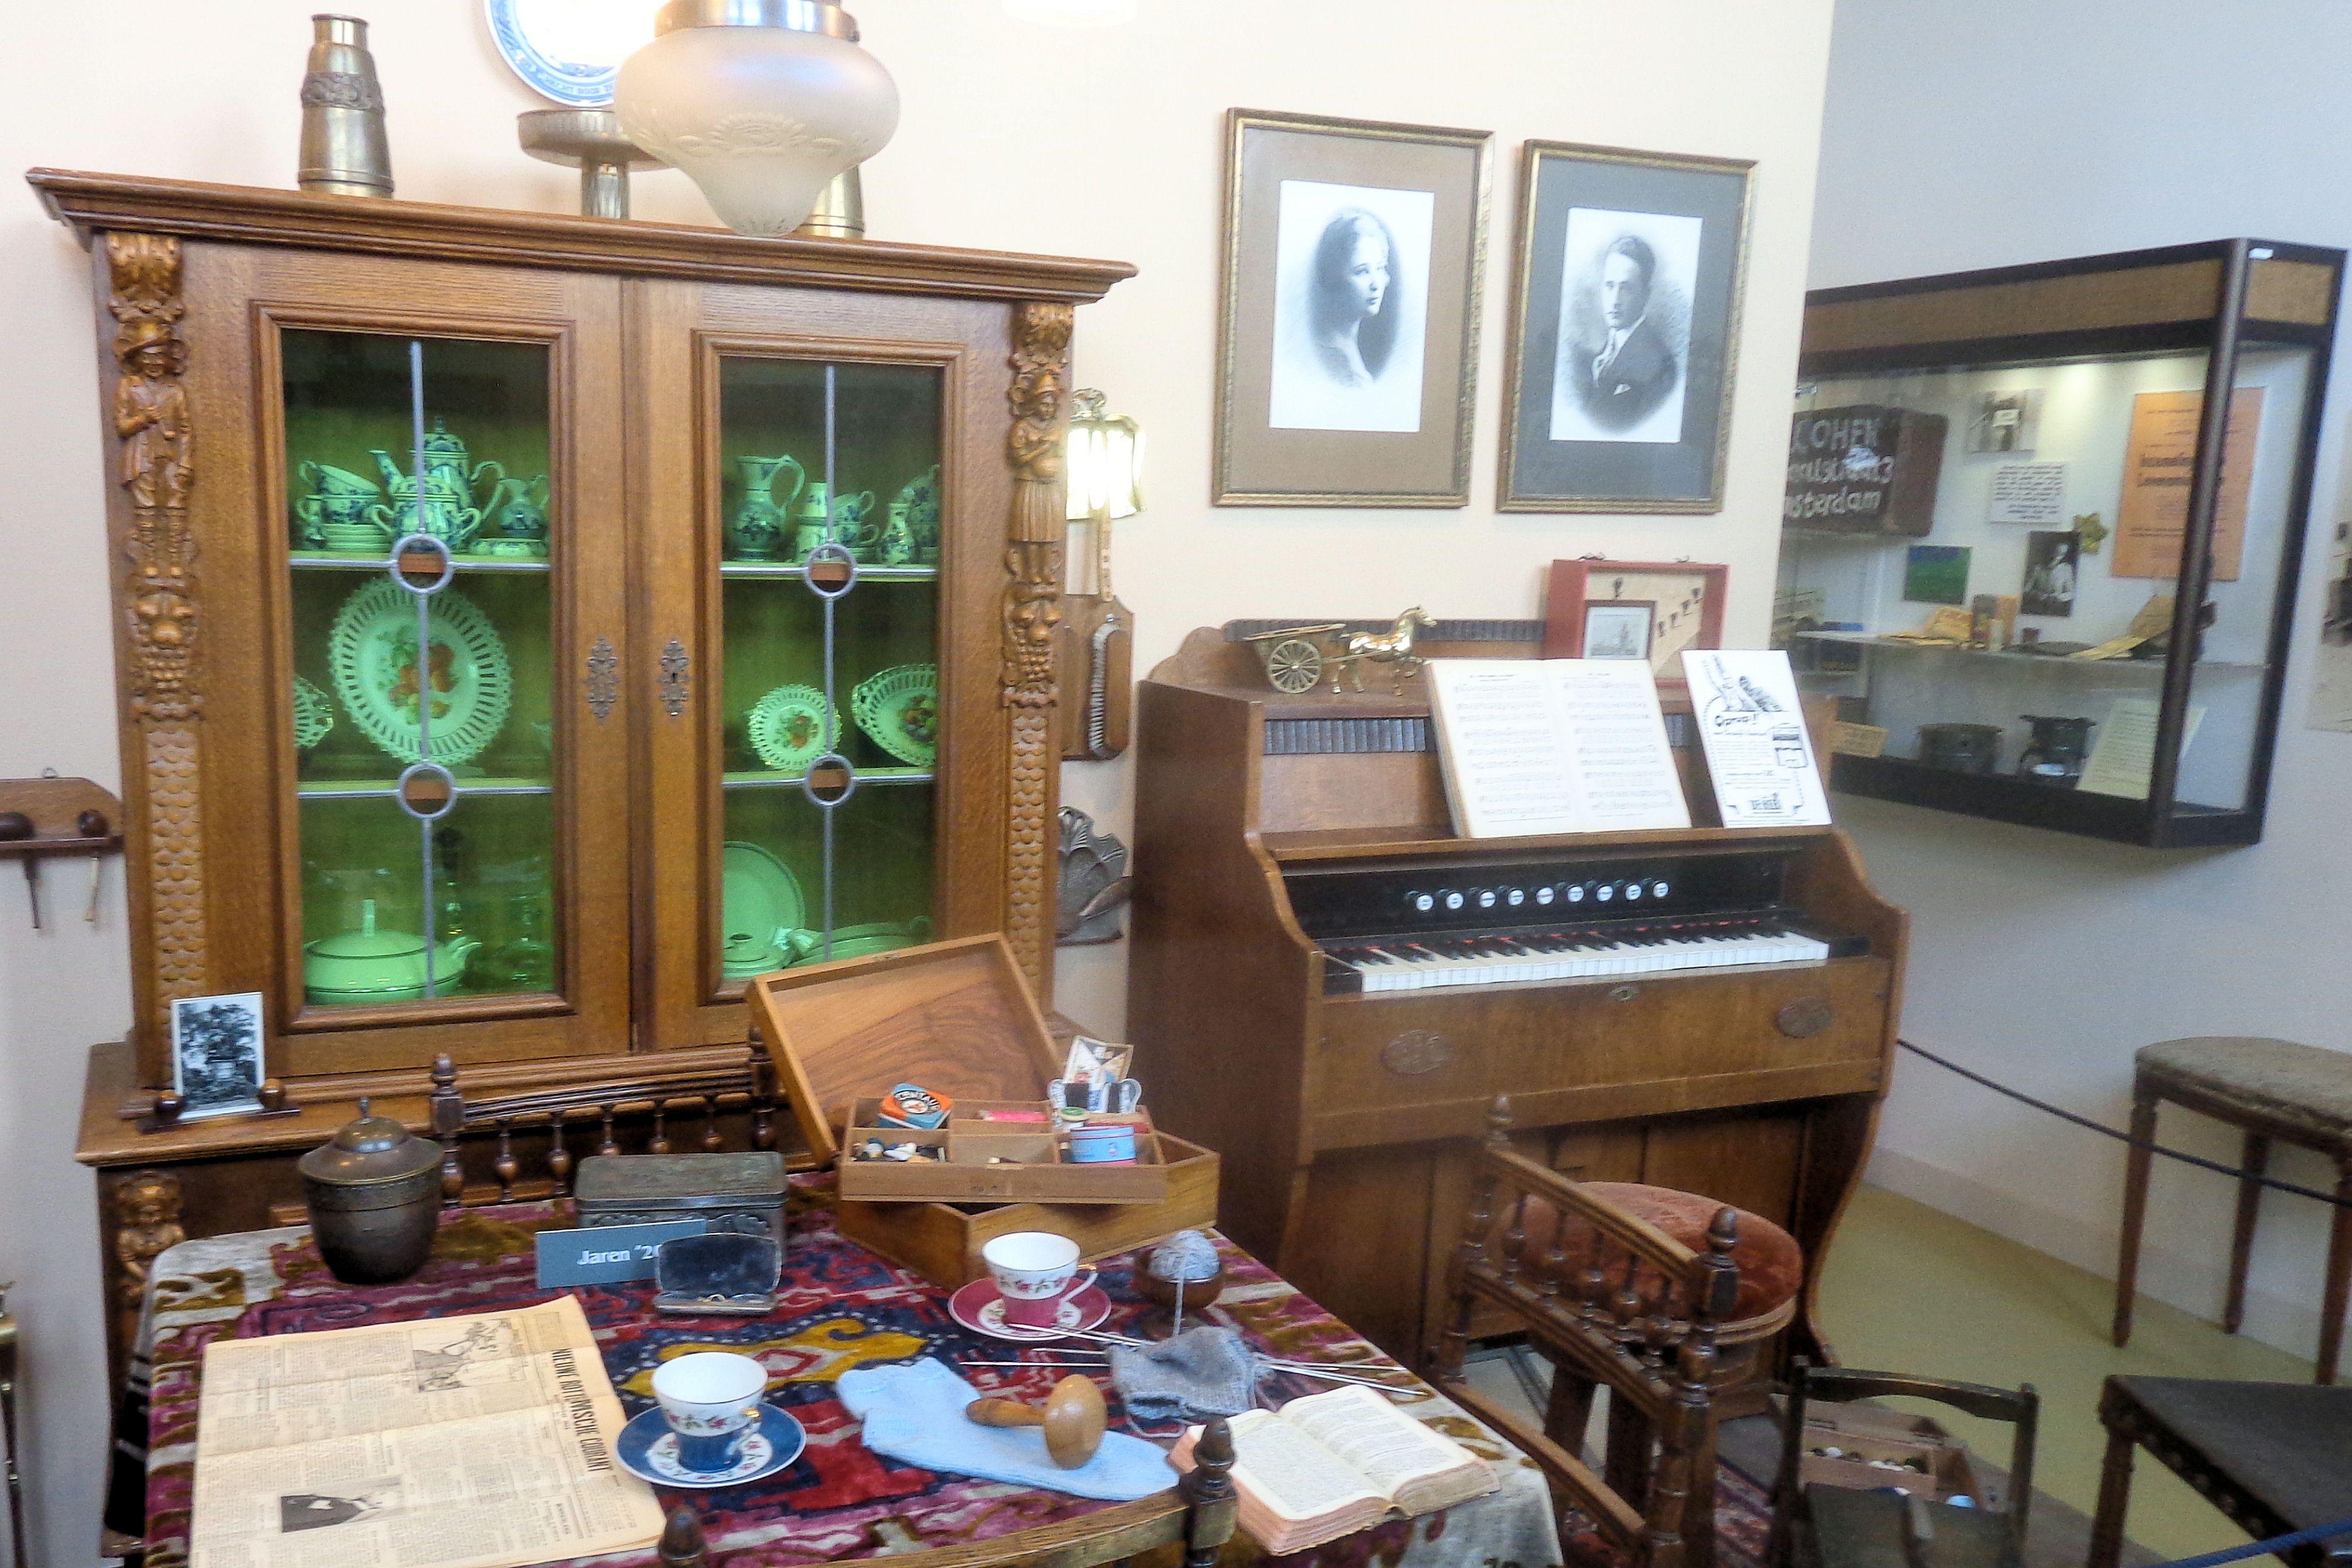 Museum van de twintigste eeuw, Hoorn - 2.